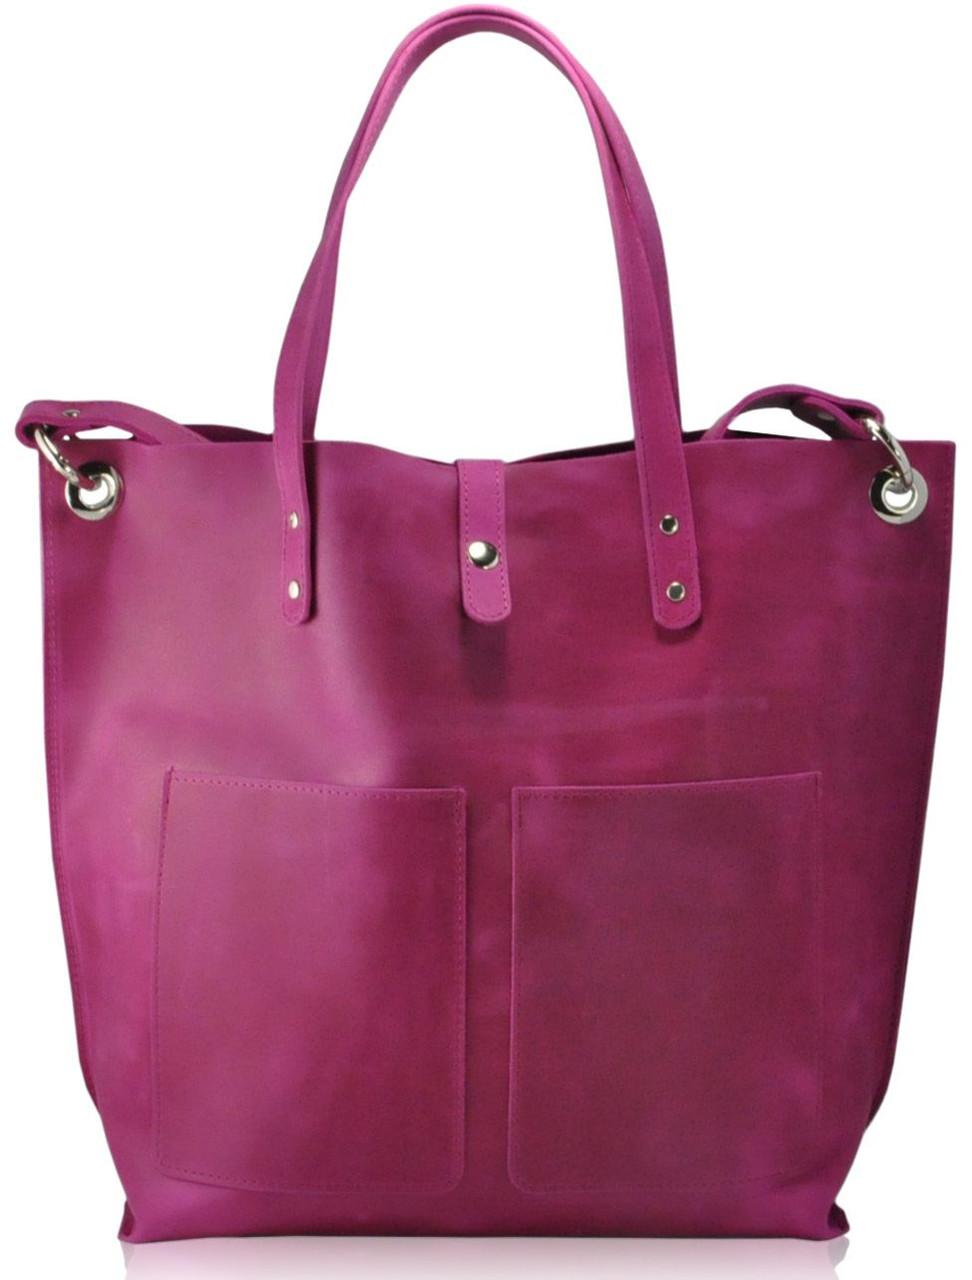 Женская кожаная сумка Cowboy фуксия